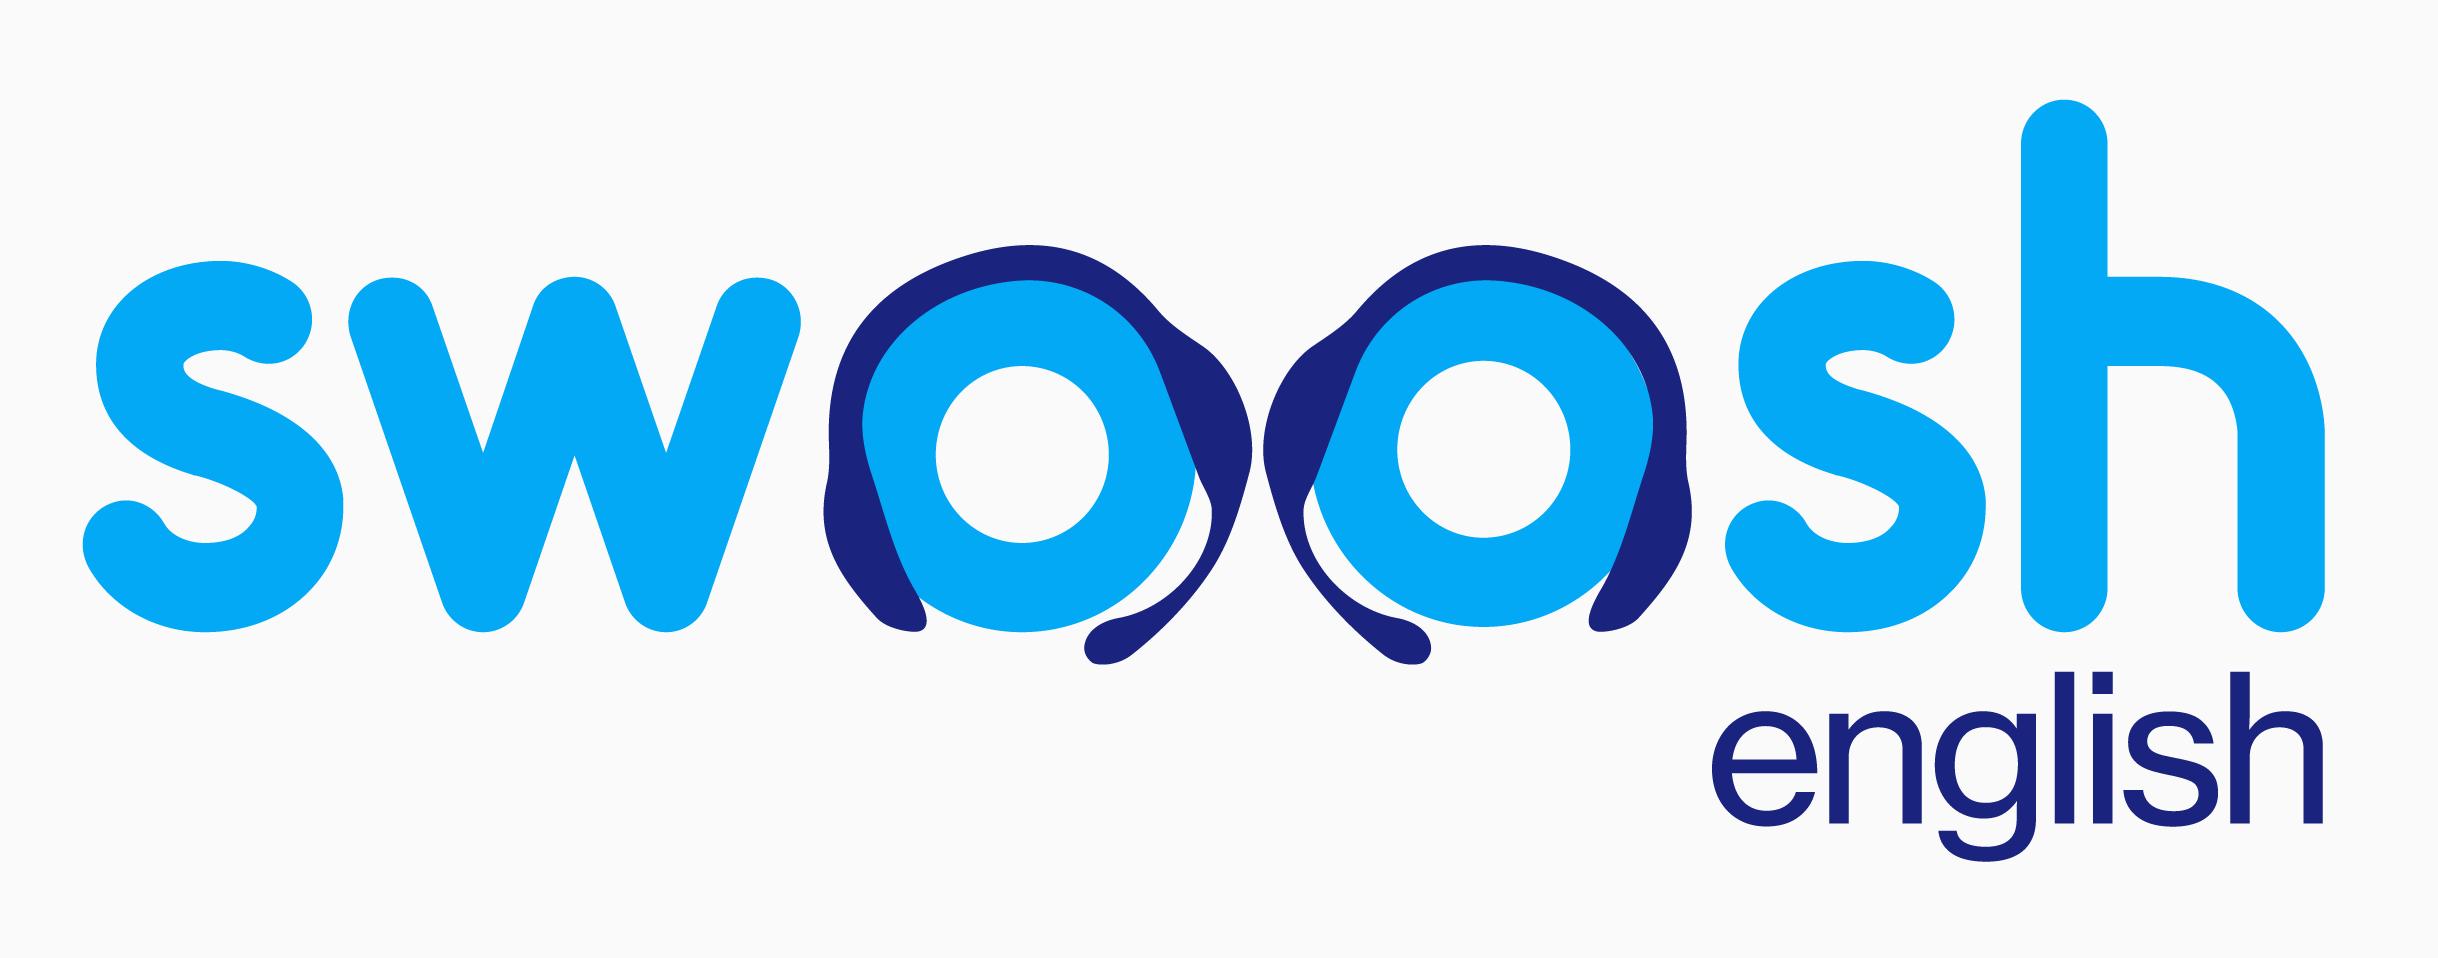 Swoosh English Logo White Background